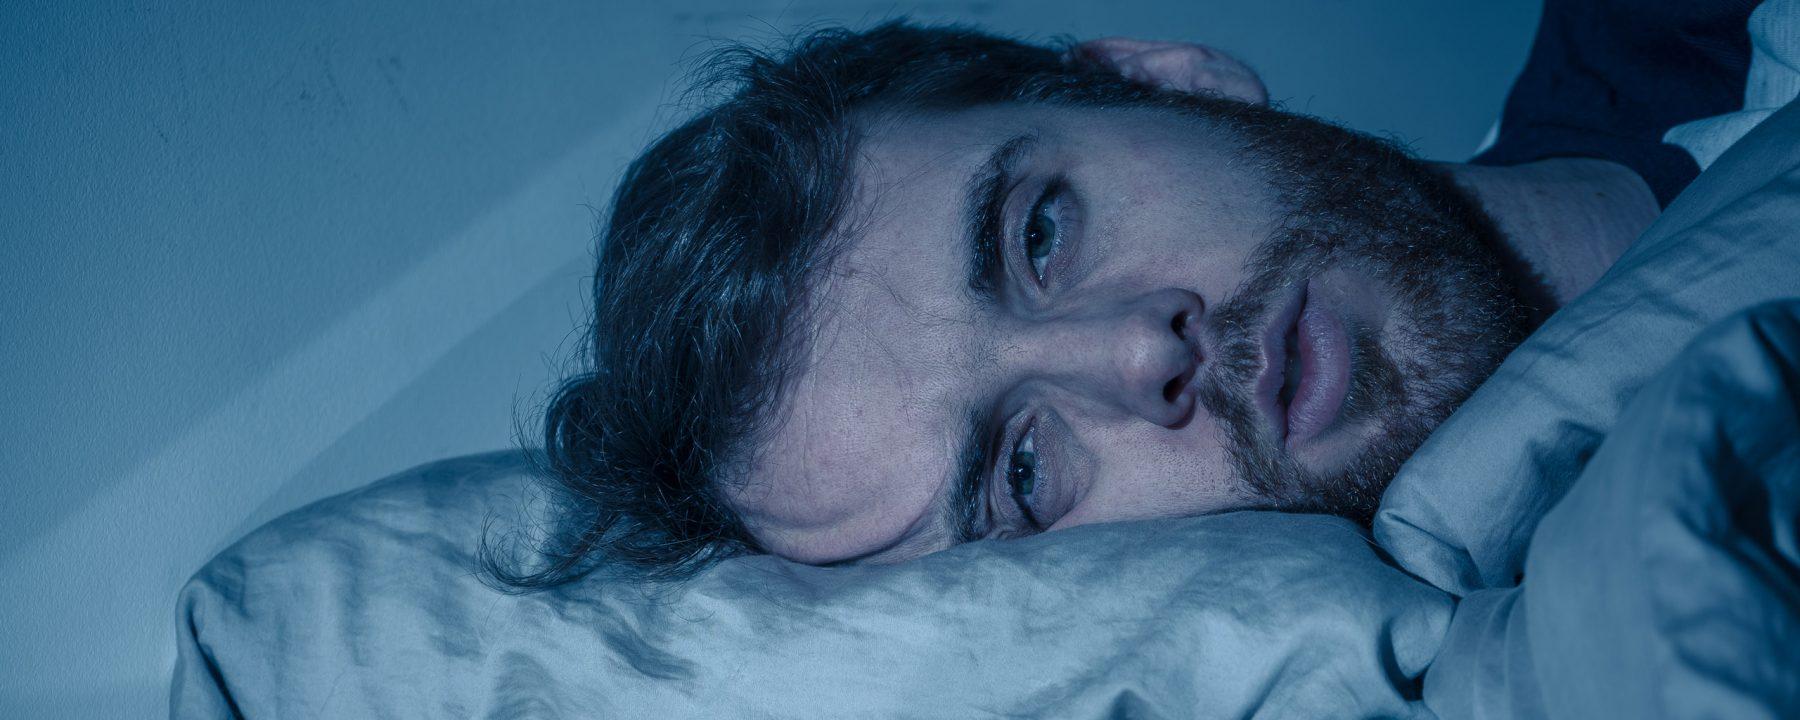 Wenn der Tag zur Qual wird: Schlafstörungen auf den Grund gehen!